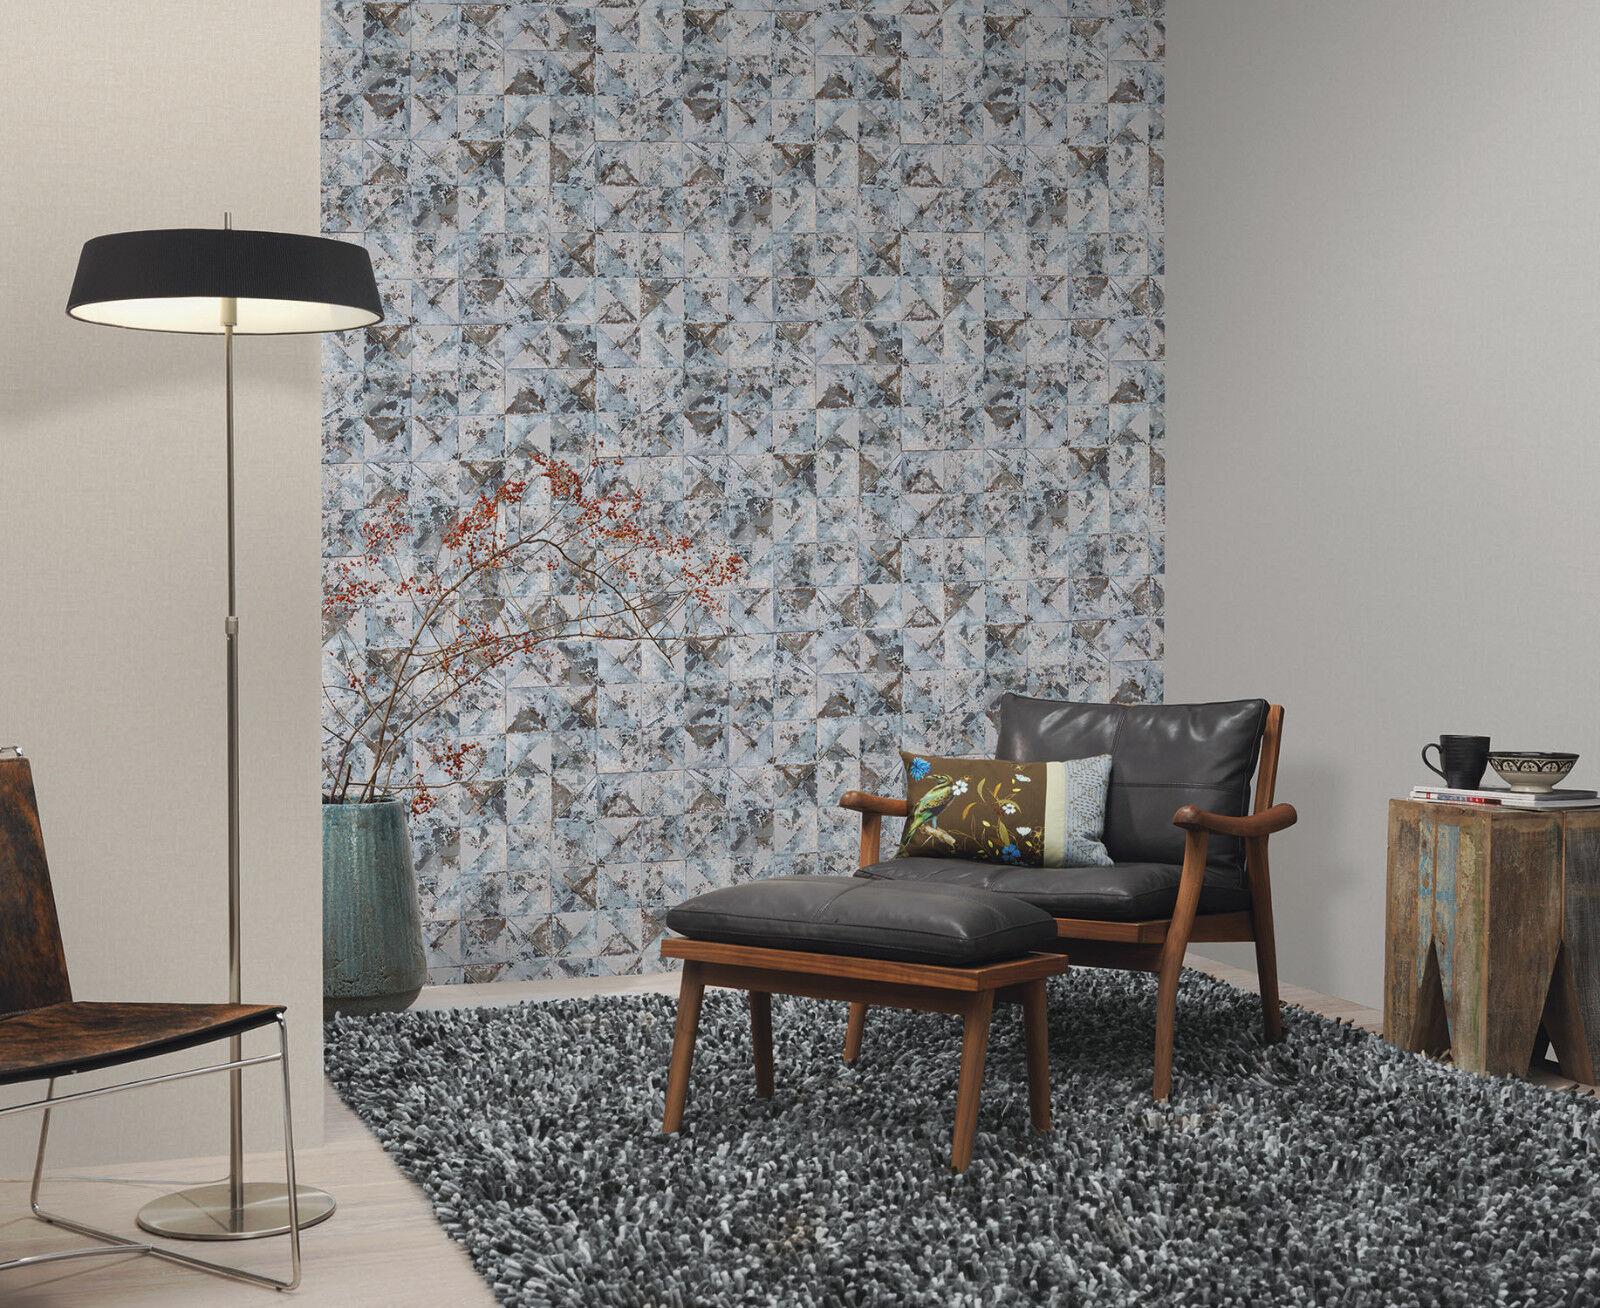 vlies tapete beton mosaik fliesen kacheln grau silber. Black Bedroom Furniture Sets. Home Design Ideas